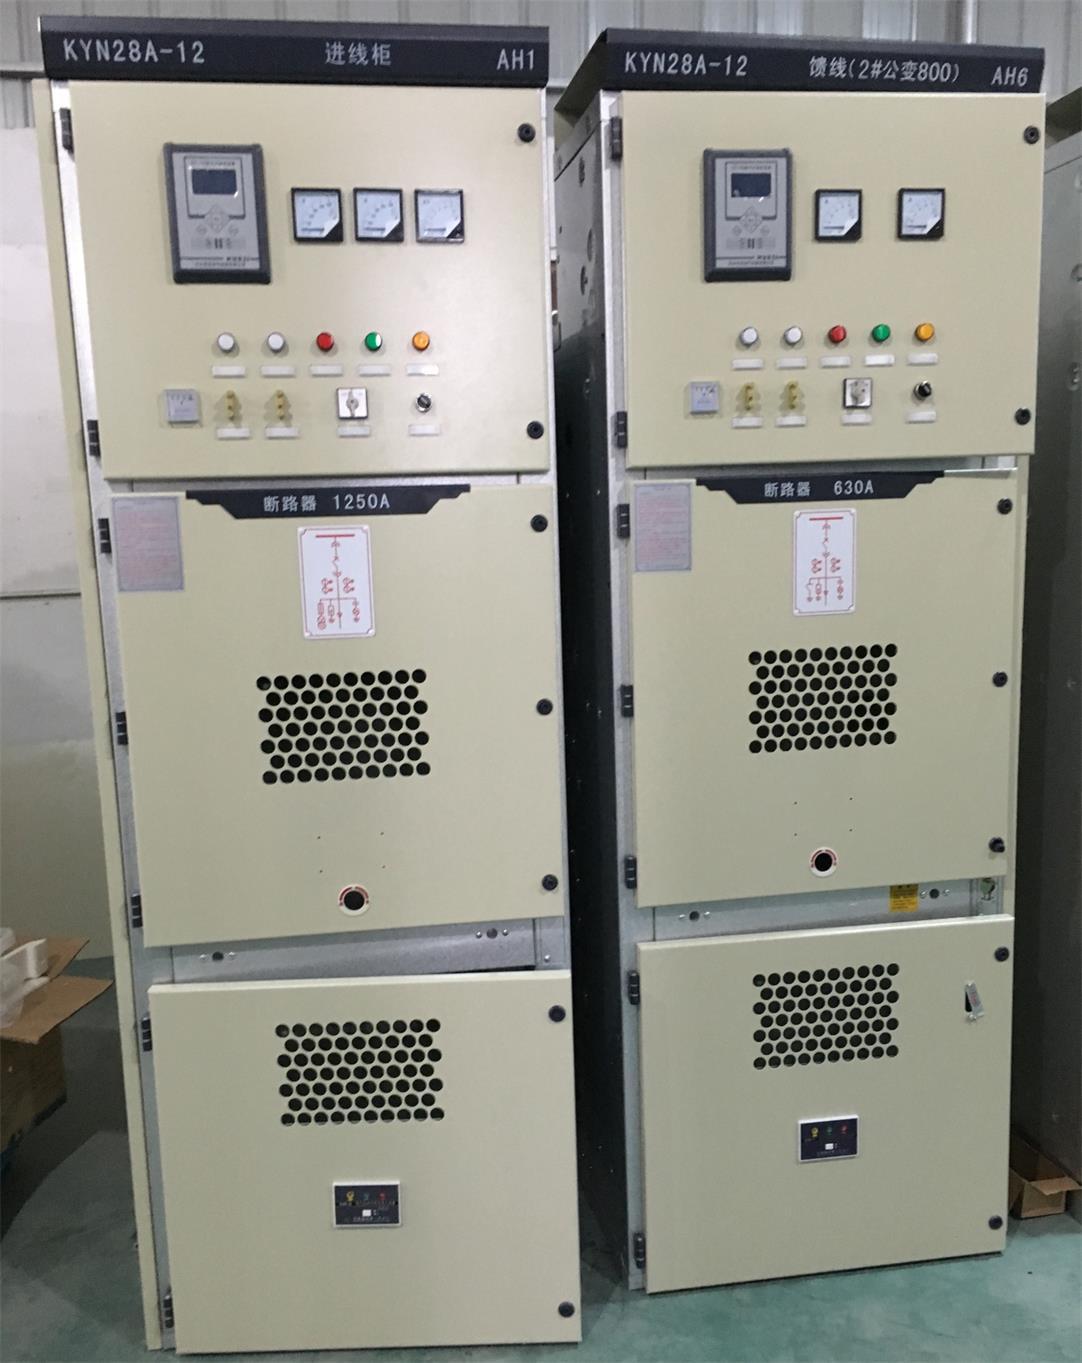 新品KYN28高压开关柜市场价格,10KV开关柜